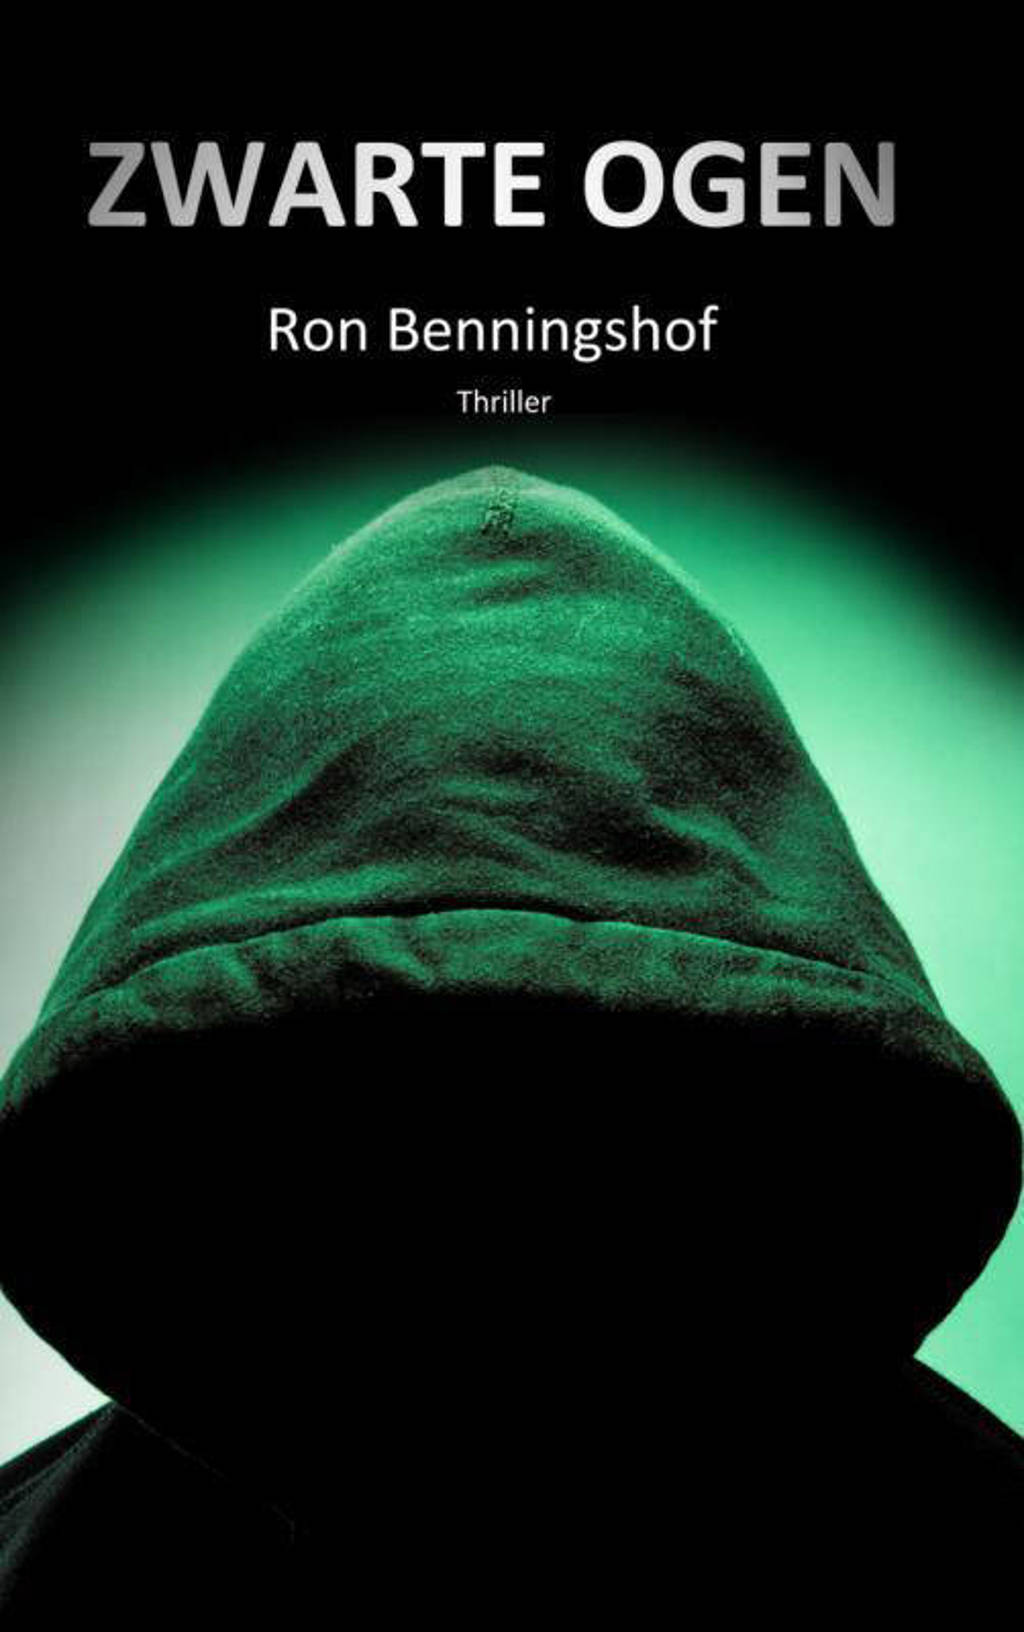 Zwarte ogen - Ron Benningshof